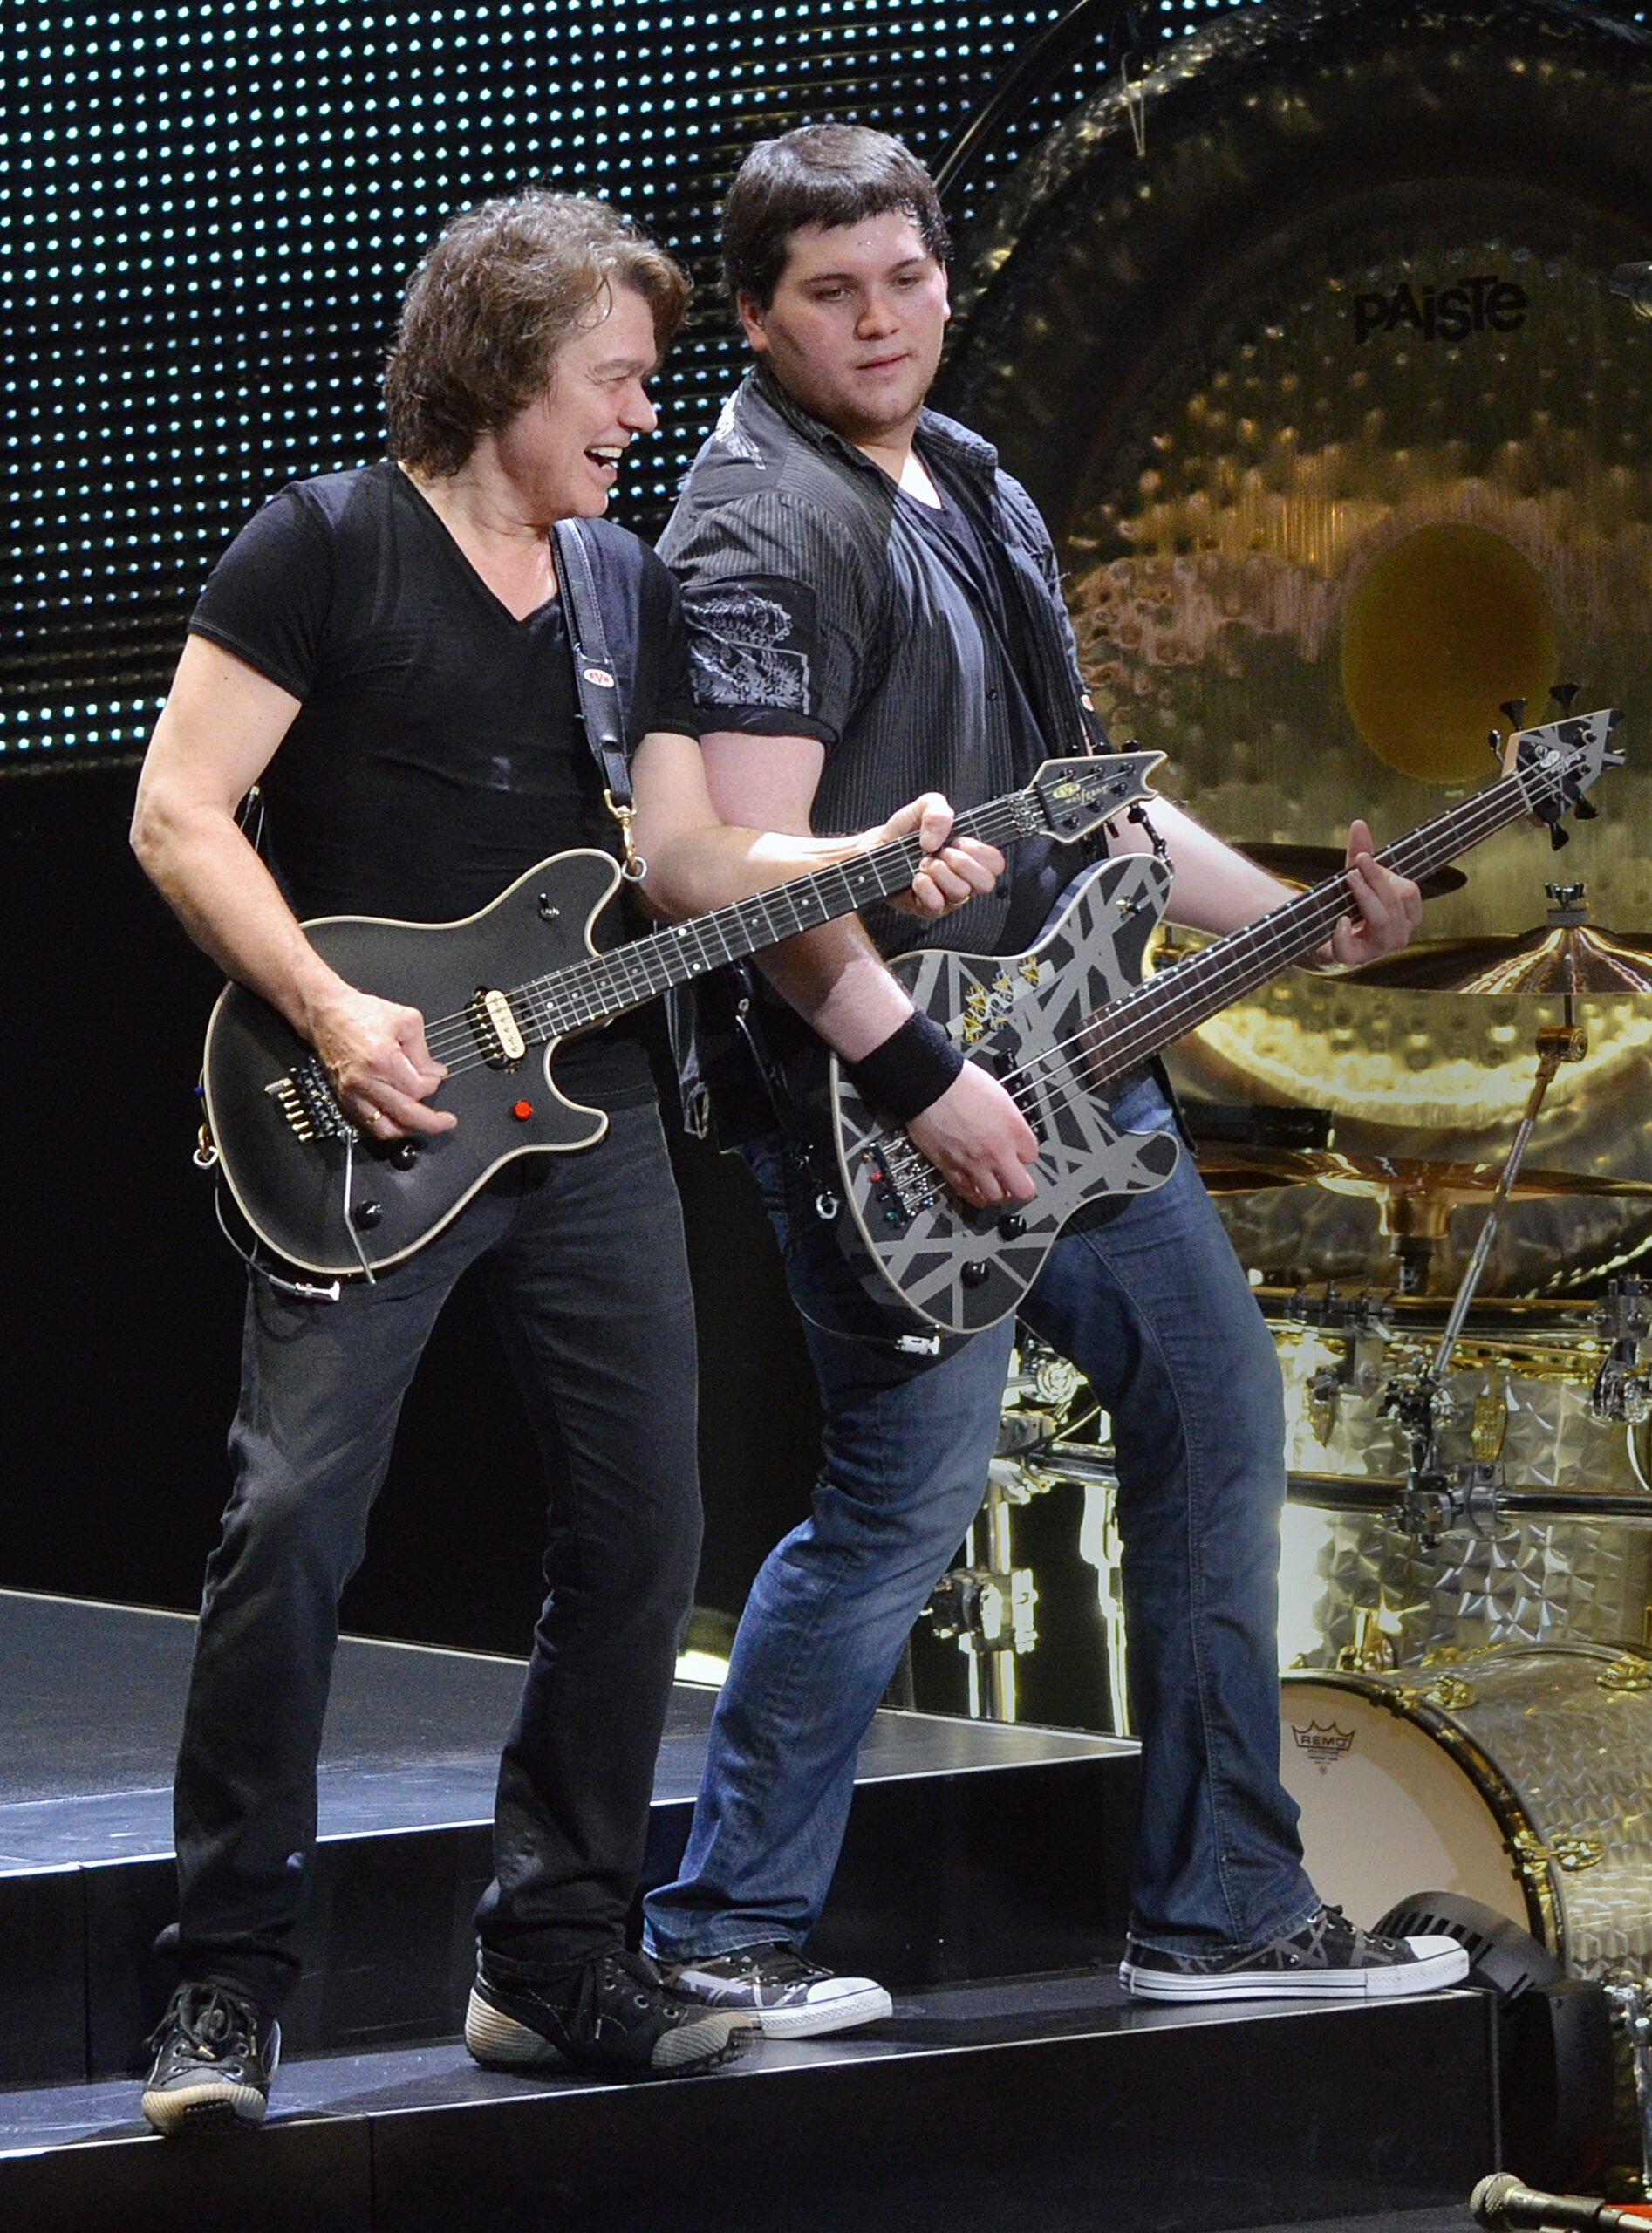 Eddie and Wolfgang Van Halen performing